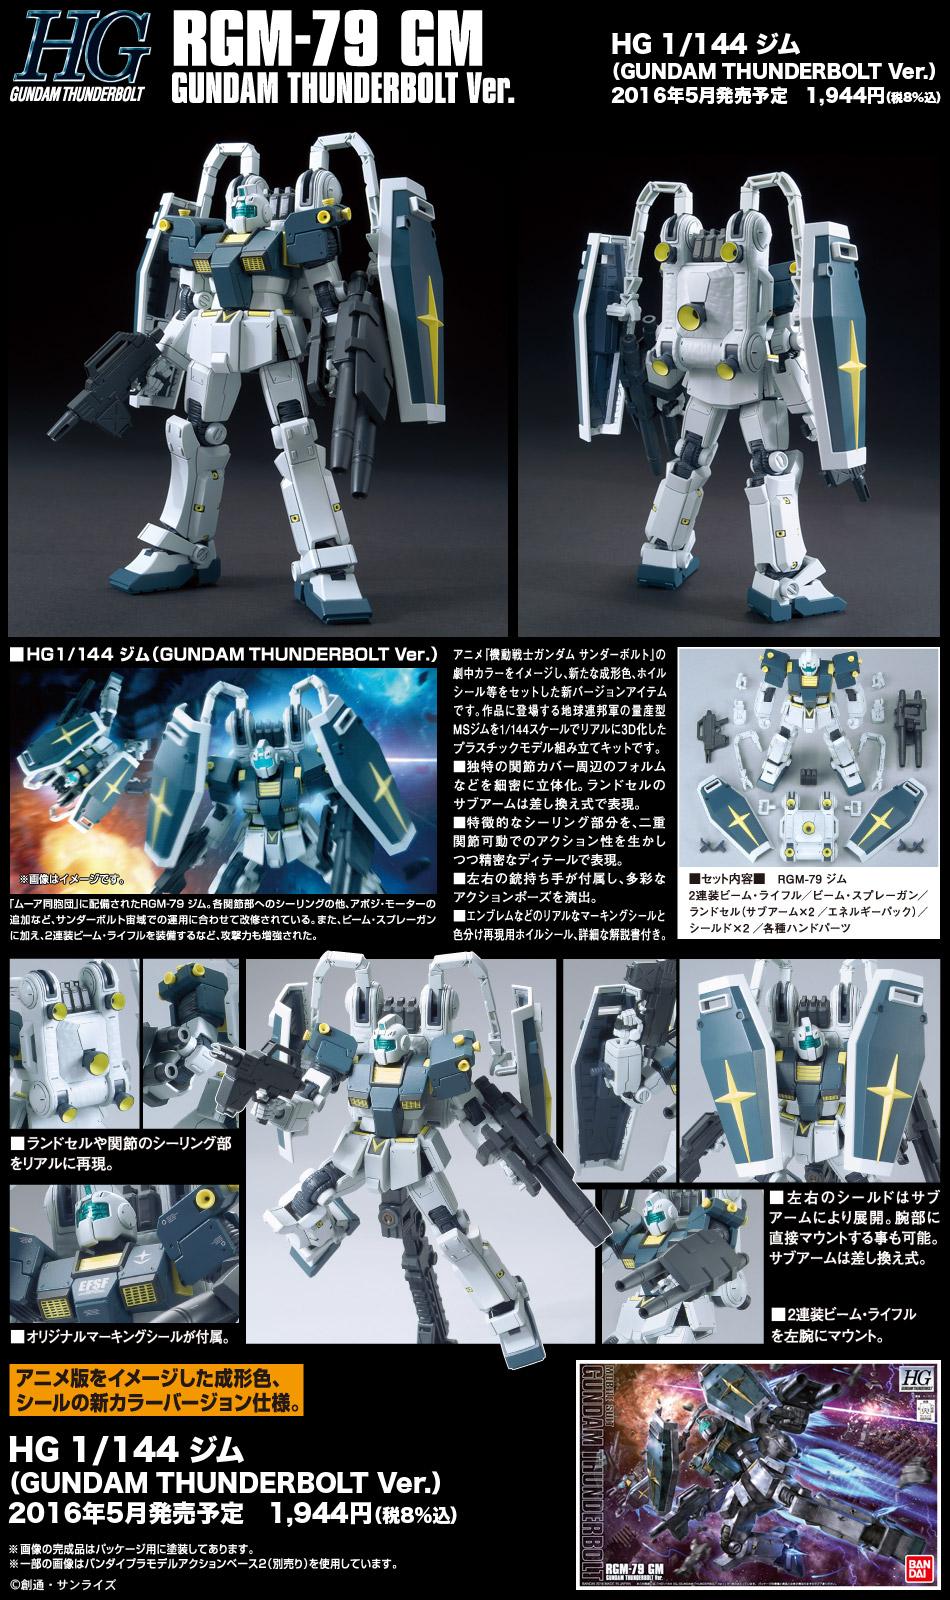 HGTB 1/144 RGM-79 ジム(GUNDAM THUNDERBOLT Ver.) [GM (Gundam Thunderbolt ONA Ver.)] 公式商品説明(画像)